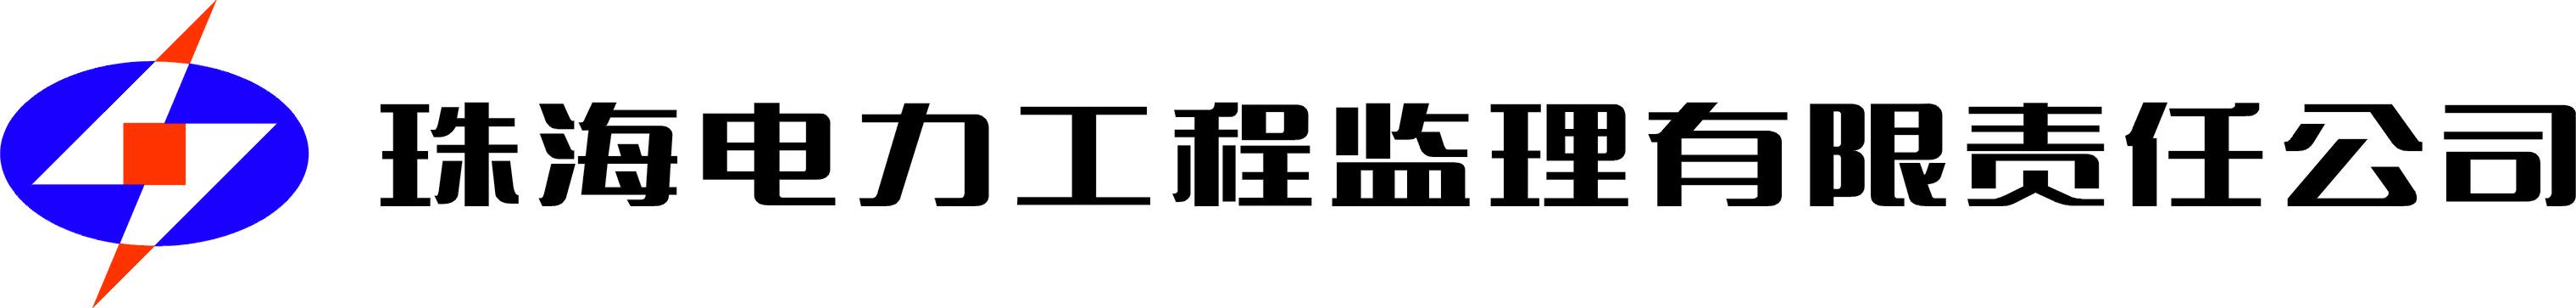 珠海电力工程监理有限责任公司最新平安彩票娱乐平台信息